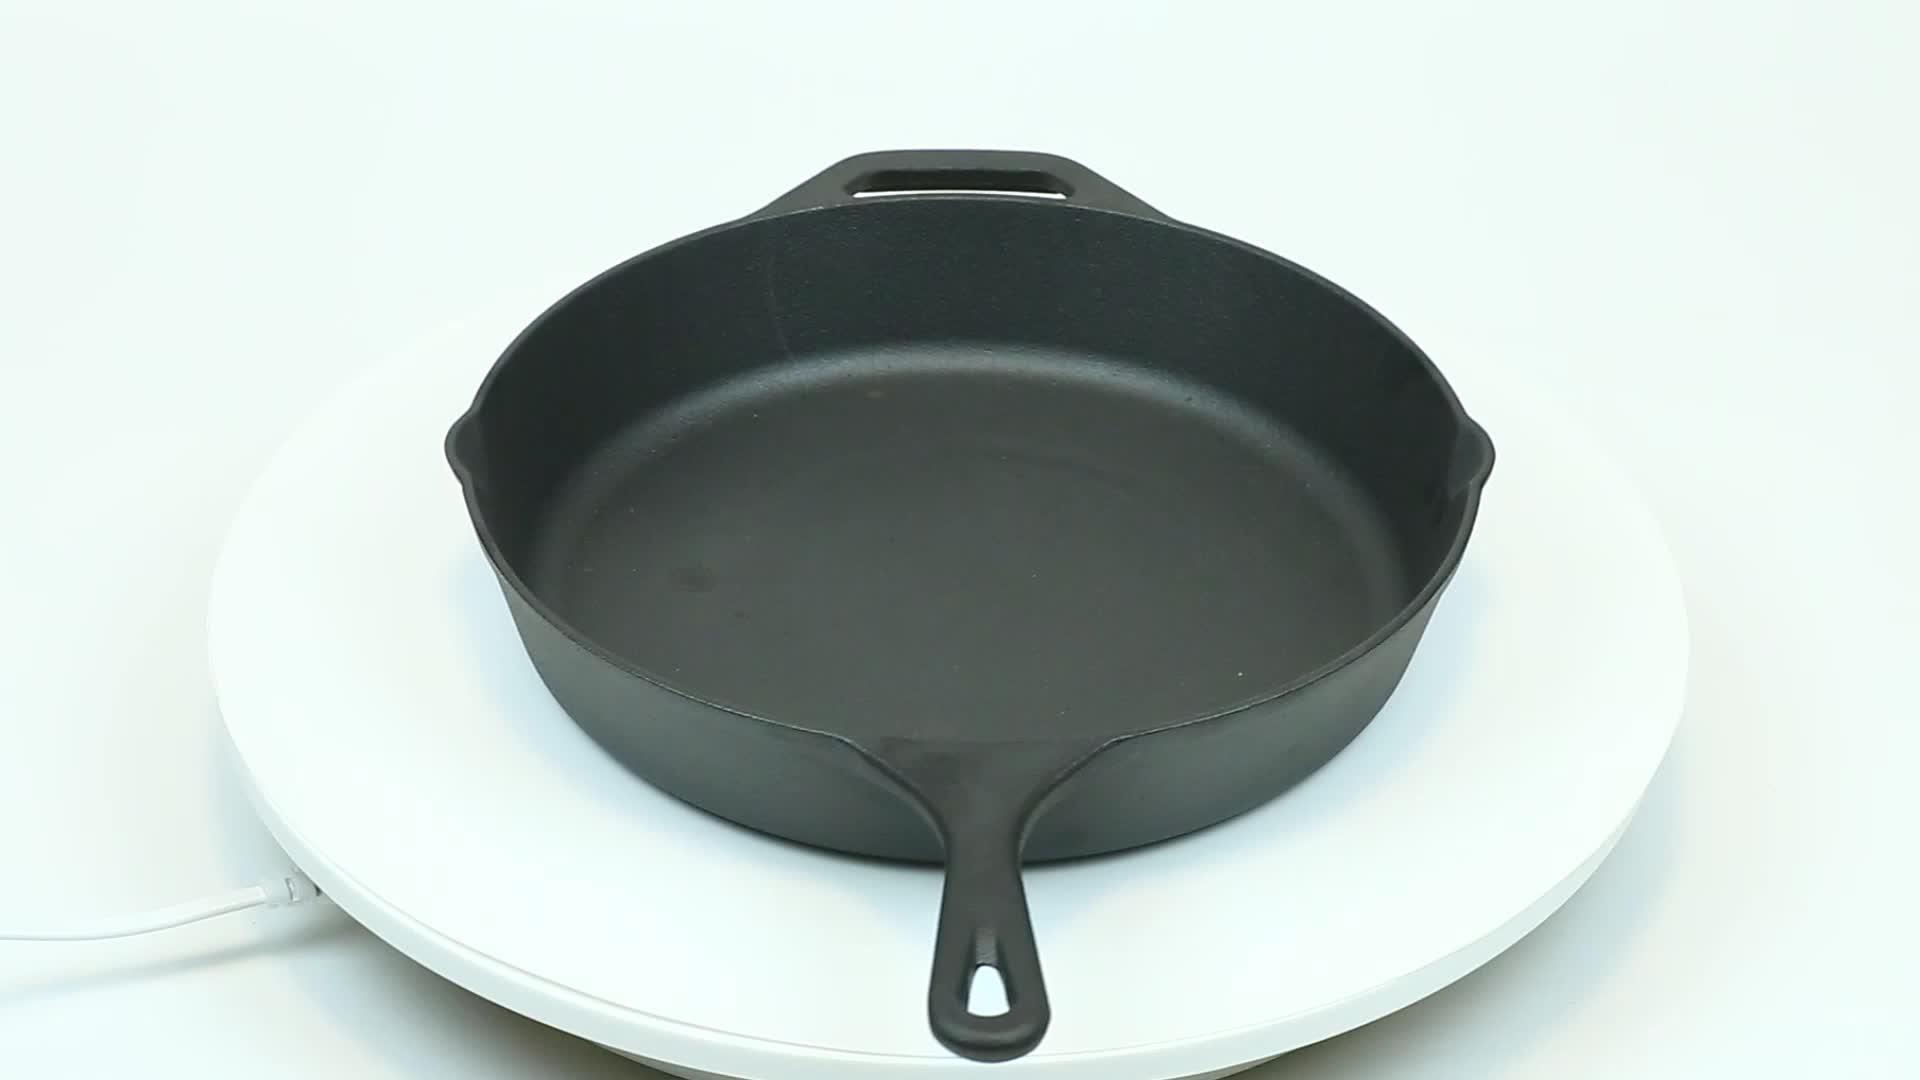 Rendah Harga Bentuk Bulat Cast Iron Pan dengan Handle untuk Paella